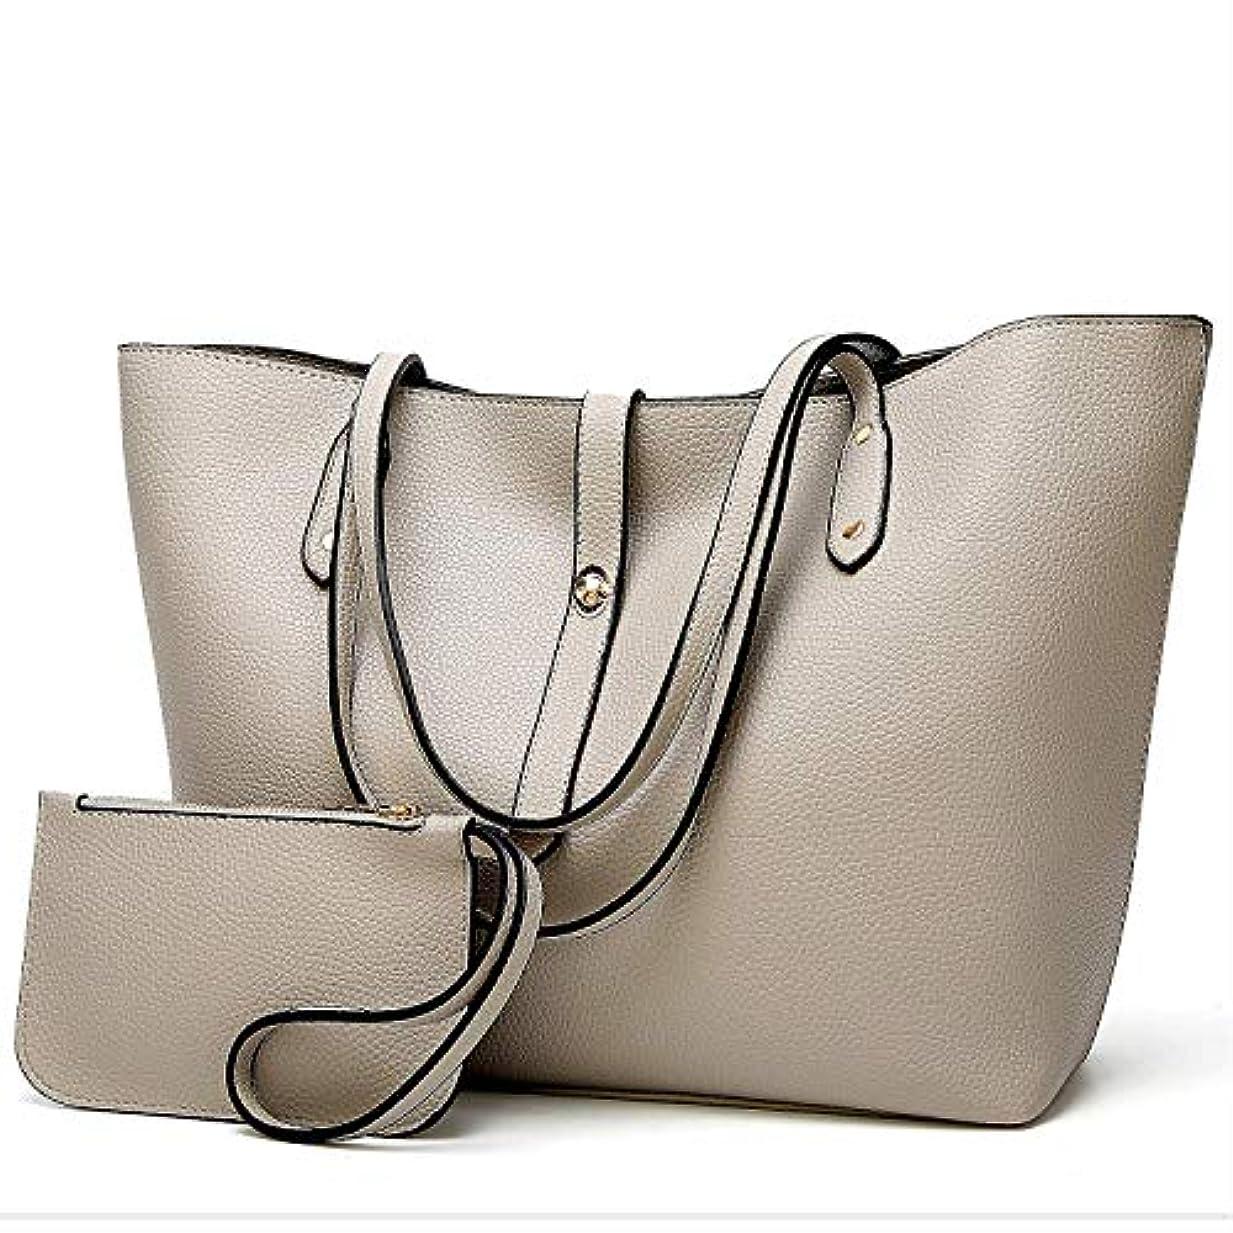 マント付属品強い[TcIFE] ハンドバッグ レディース トートバッグ 大容量 無地 ショルダーバッグ 2way 財布とハンドバッグ